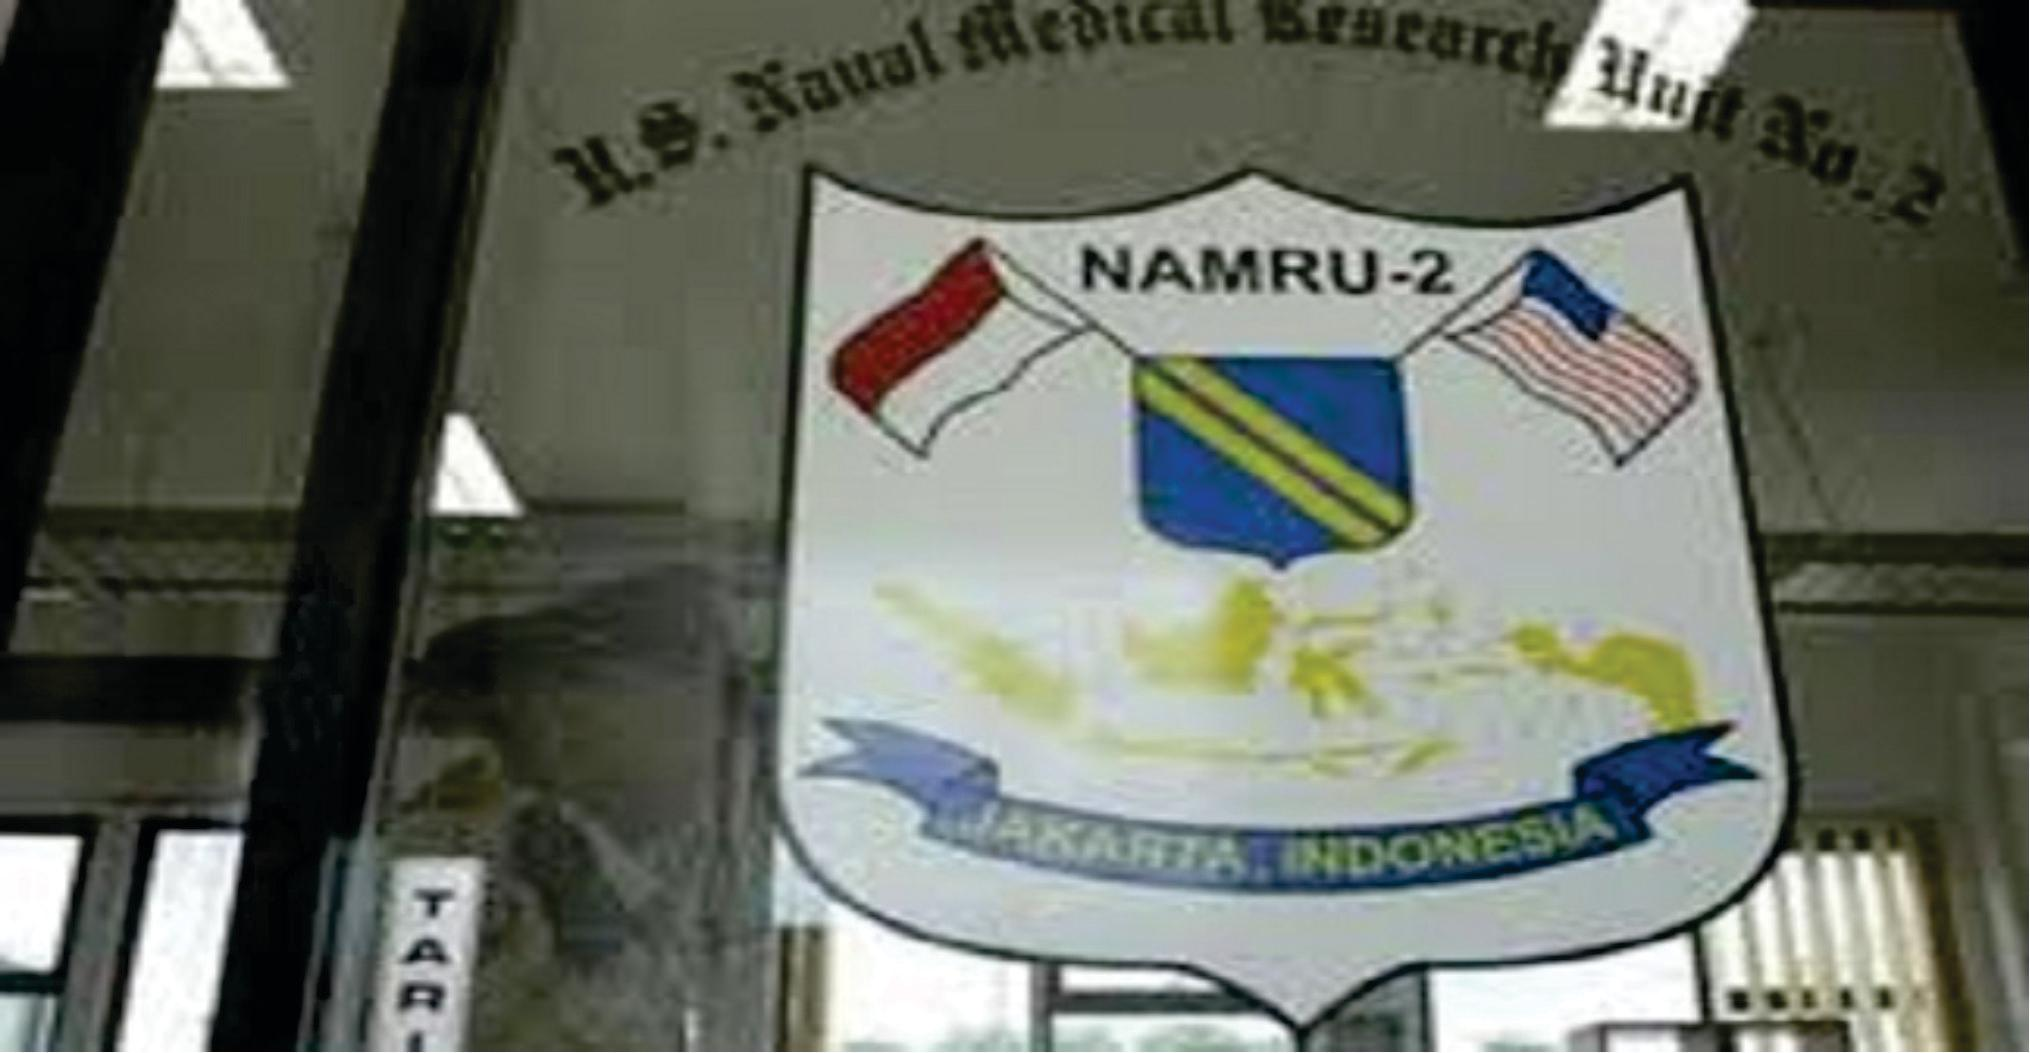 NAMRU-2 Akan Kembali Beroperasi di Indonesia – Beritalima.com